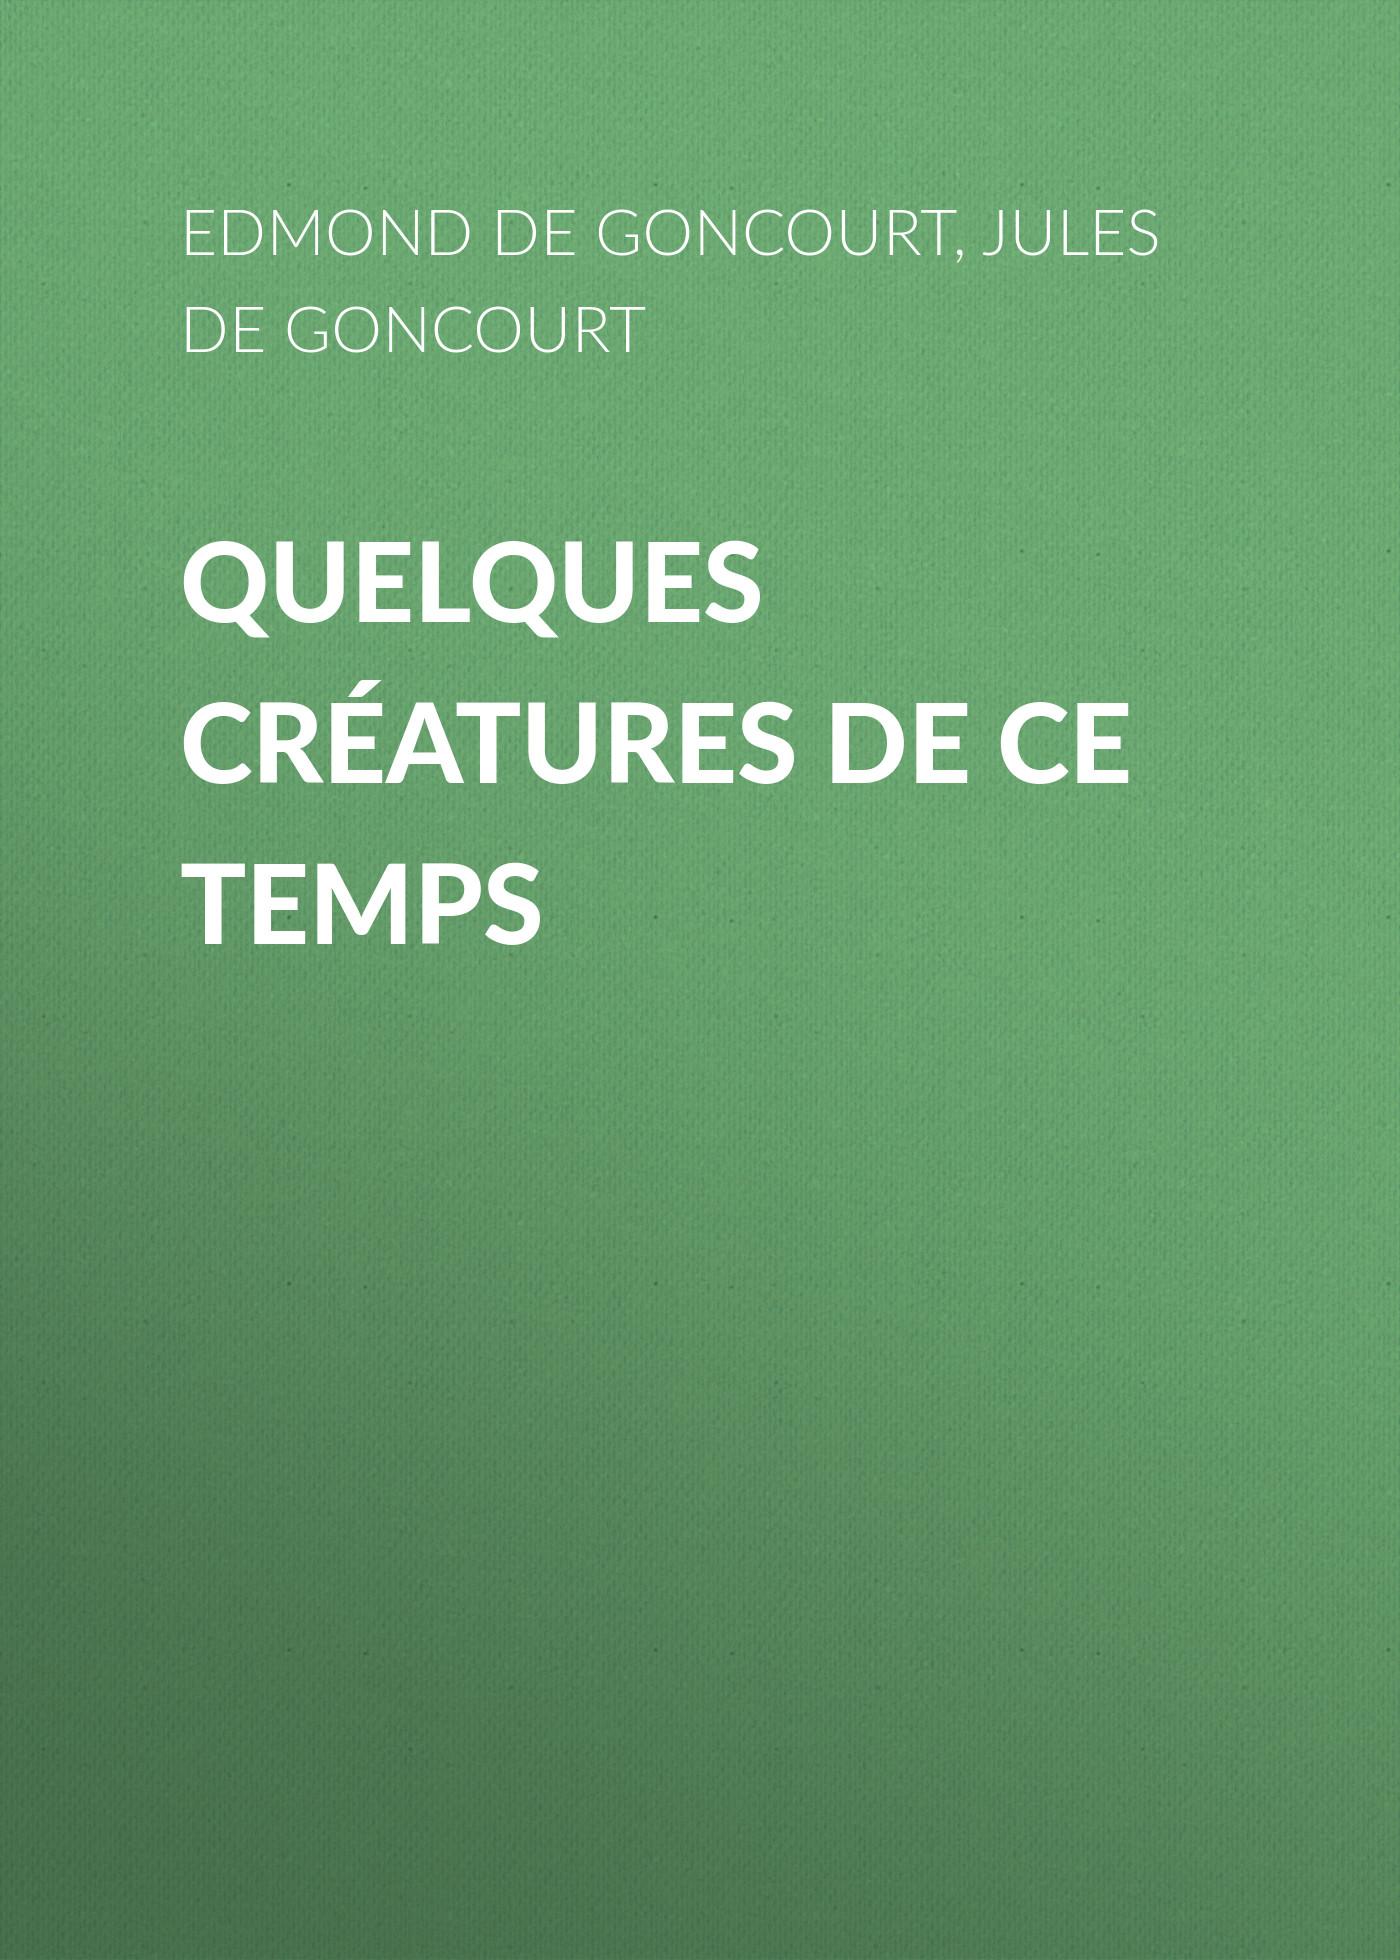 Edmond de Goncourt Quelques créatures de ce temps edmond de goncourt quelques créatures de ce temps